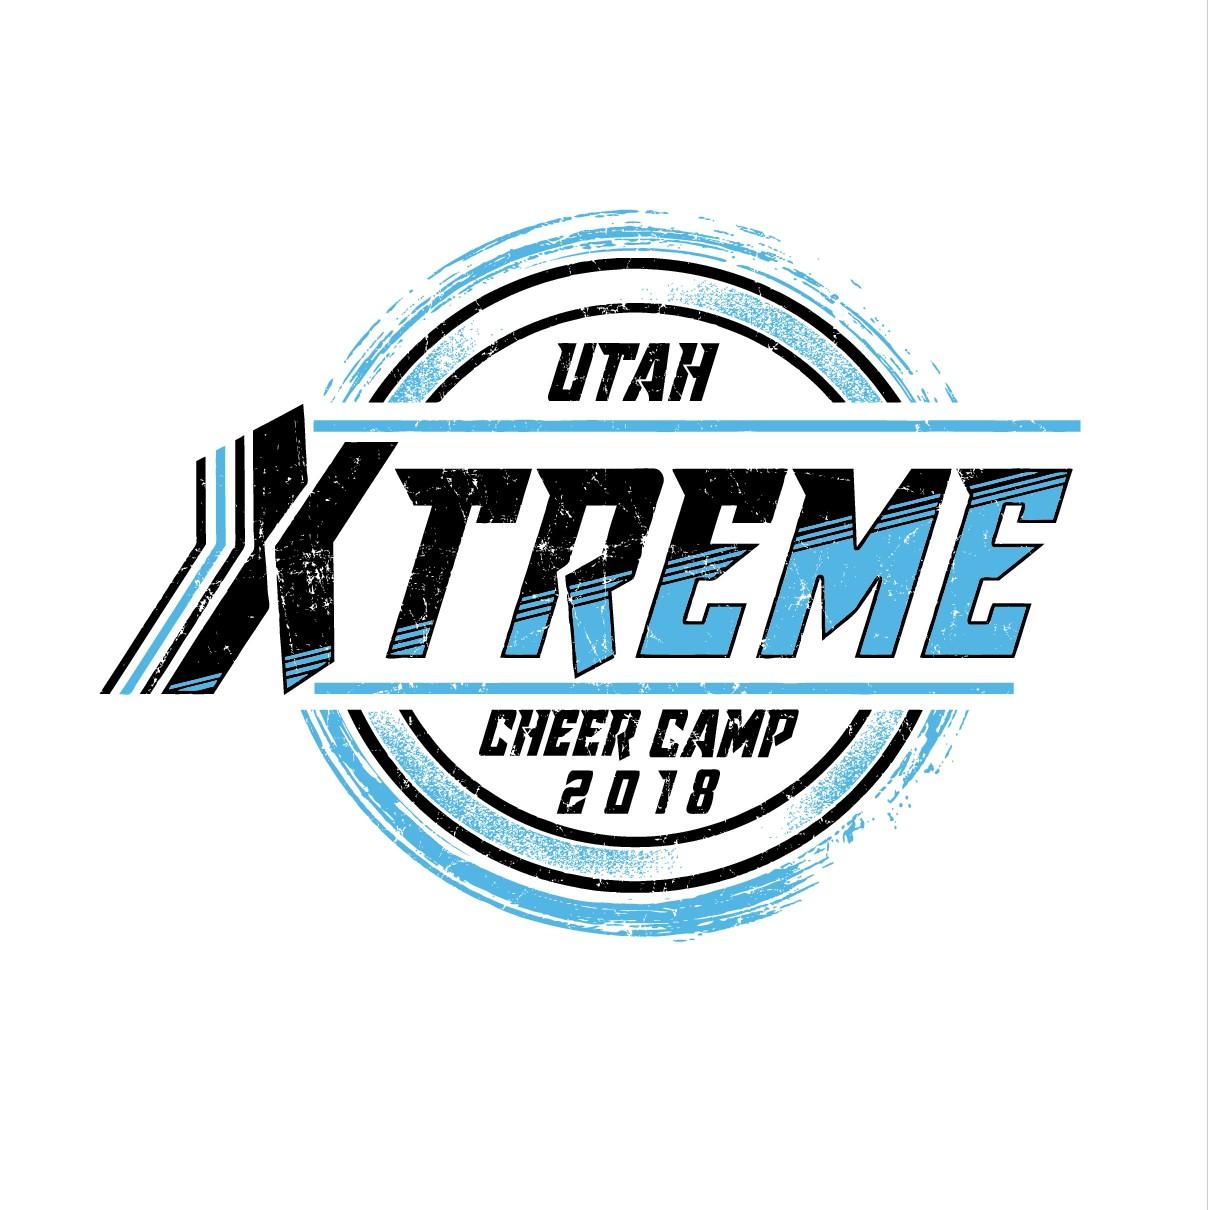 UXC Cheer Camp 2018